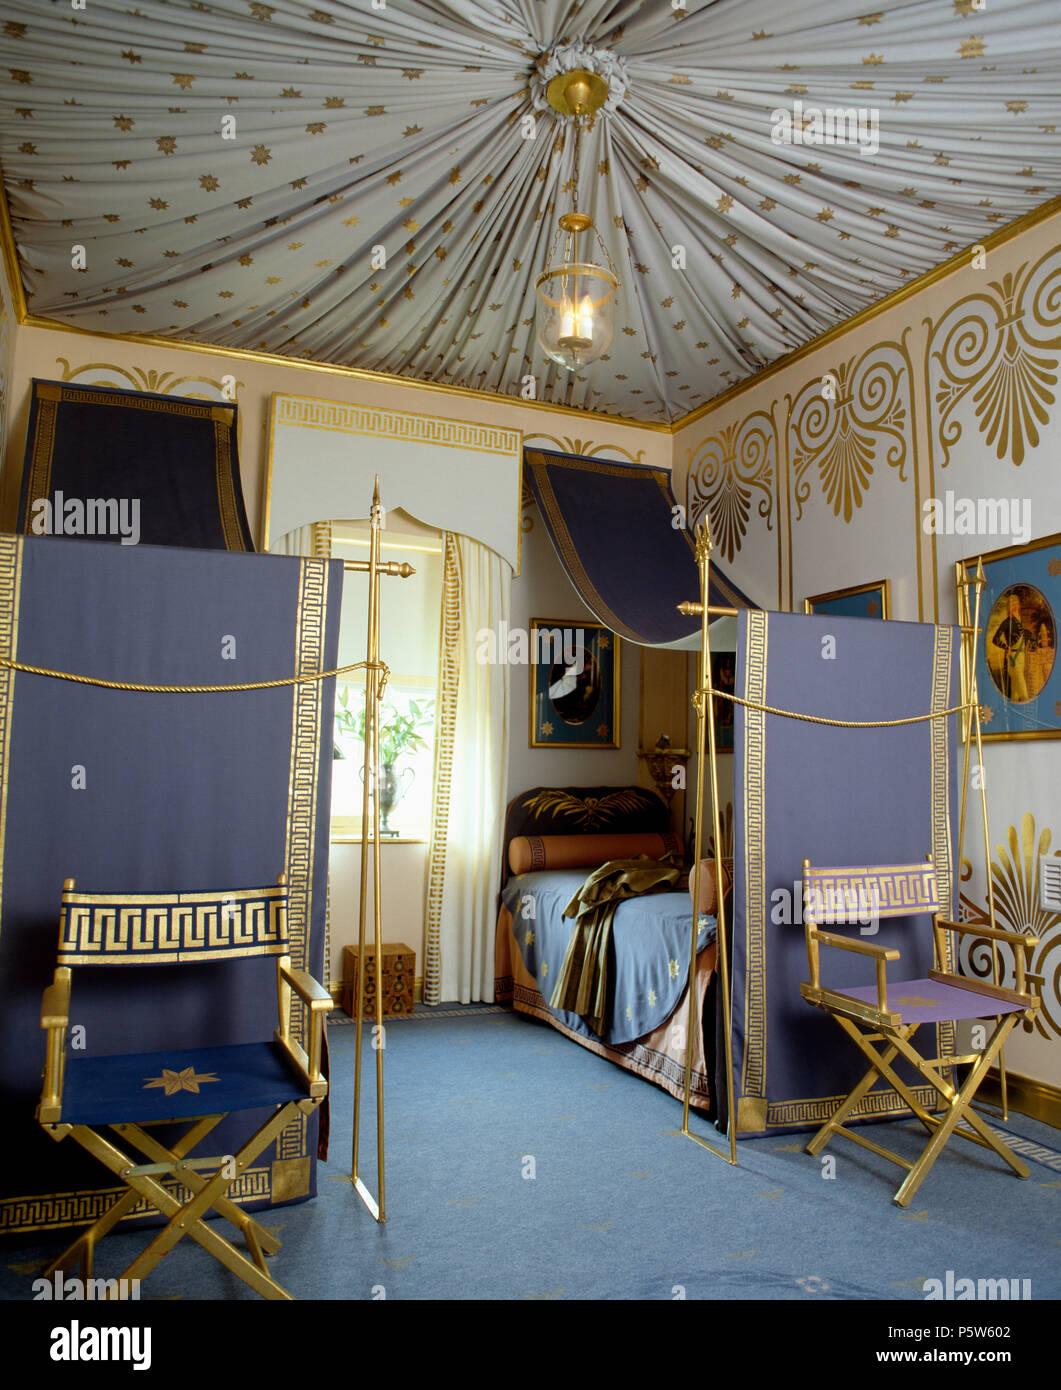 Tented Decke Und Gold Stenciled Wände Im Schlafzimmer Mit Gold